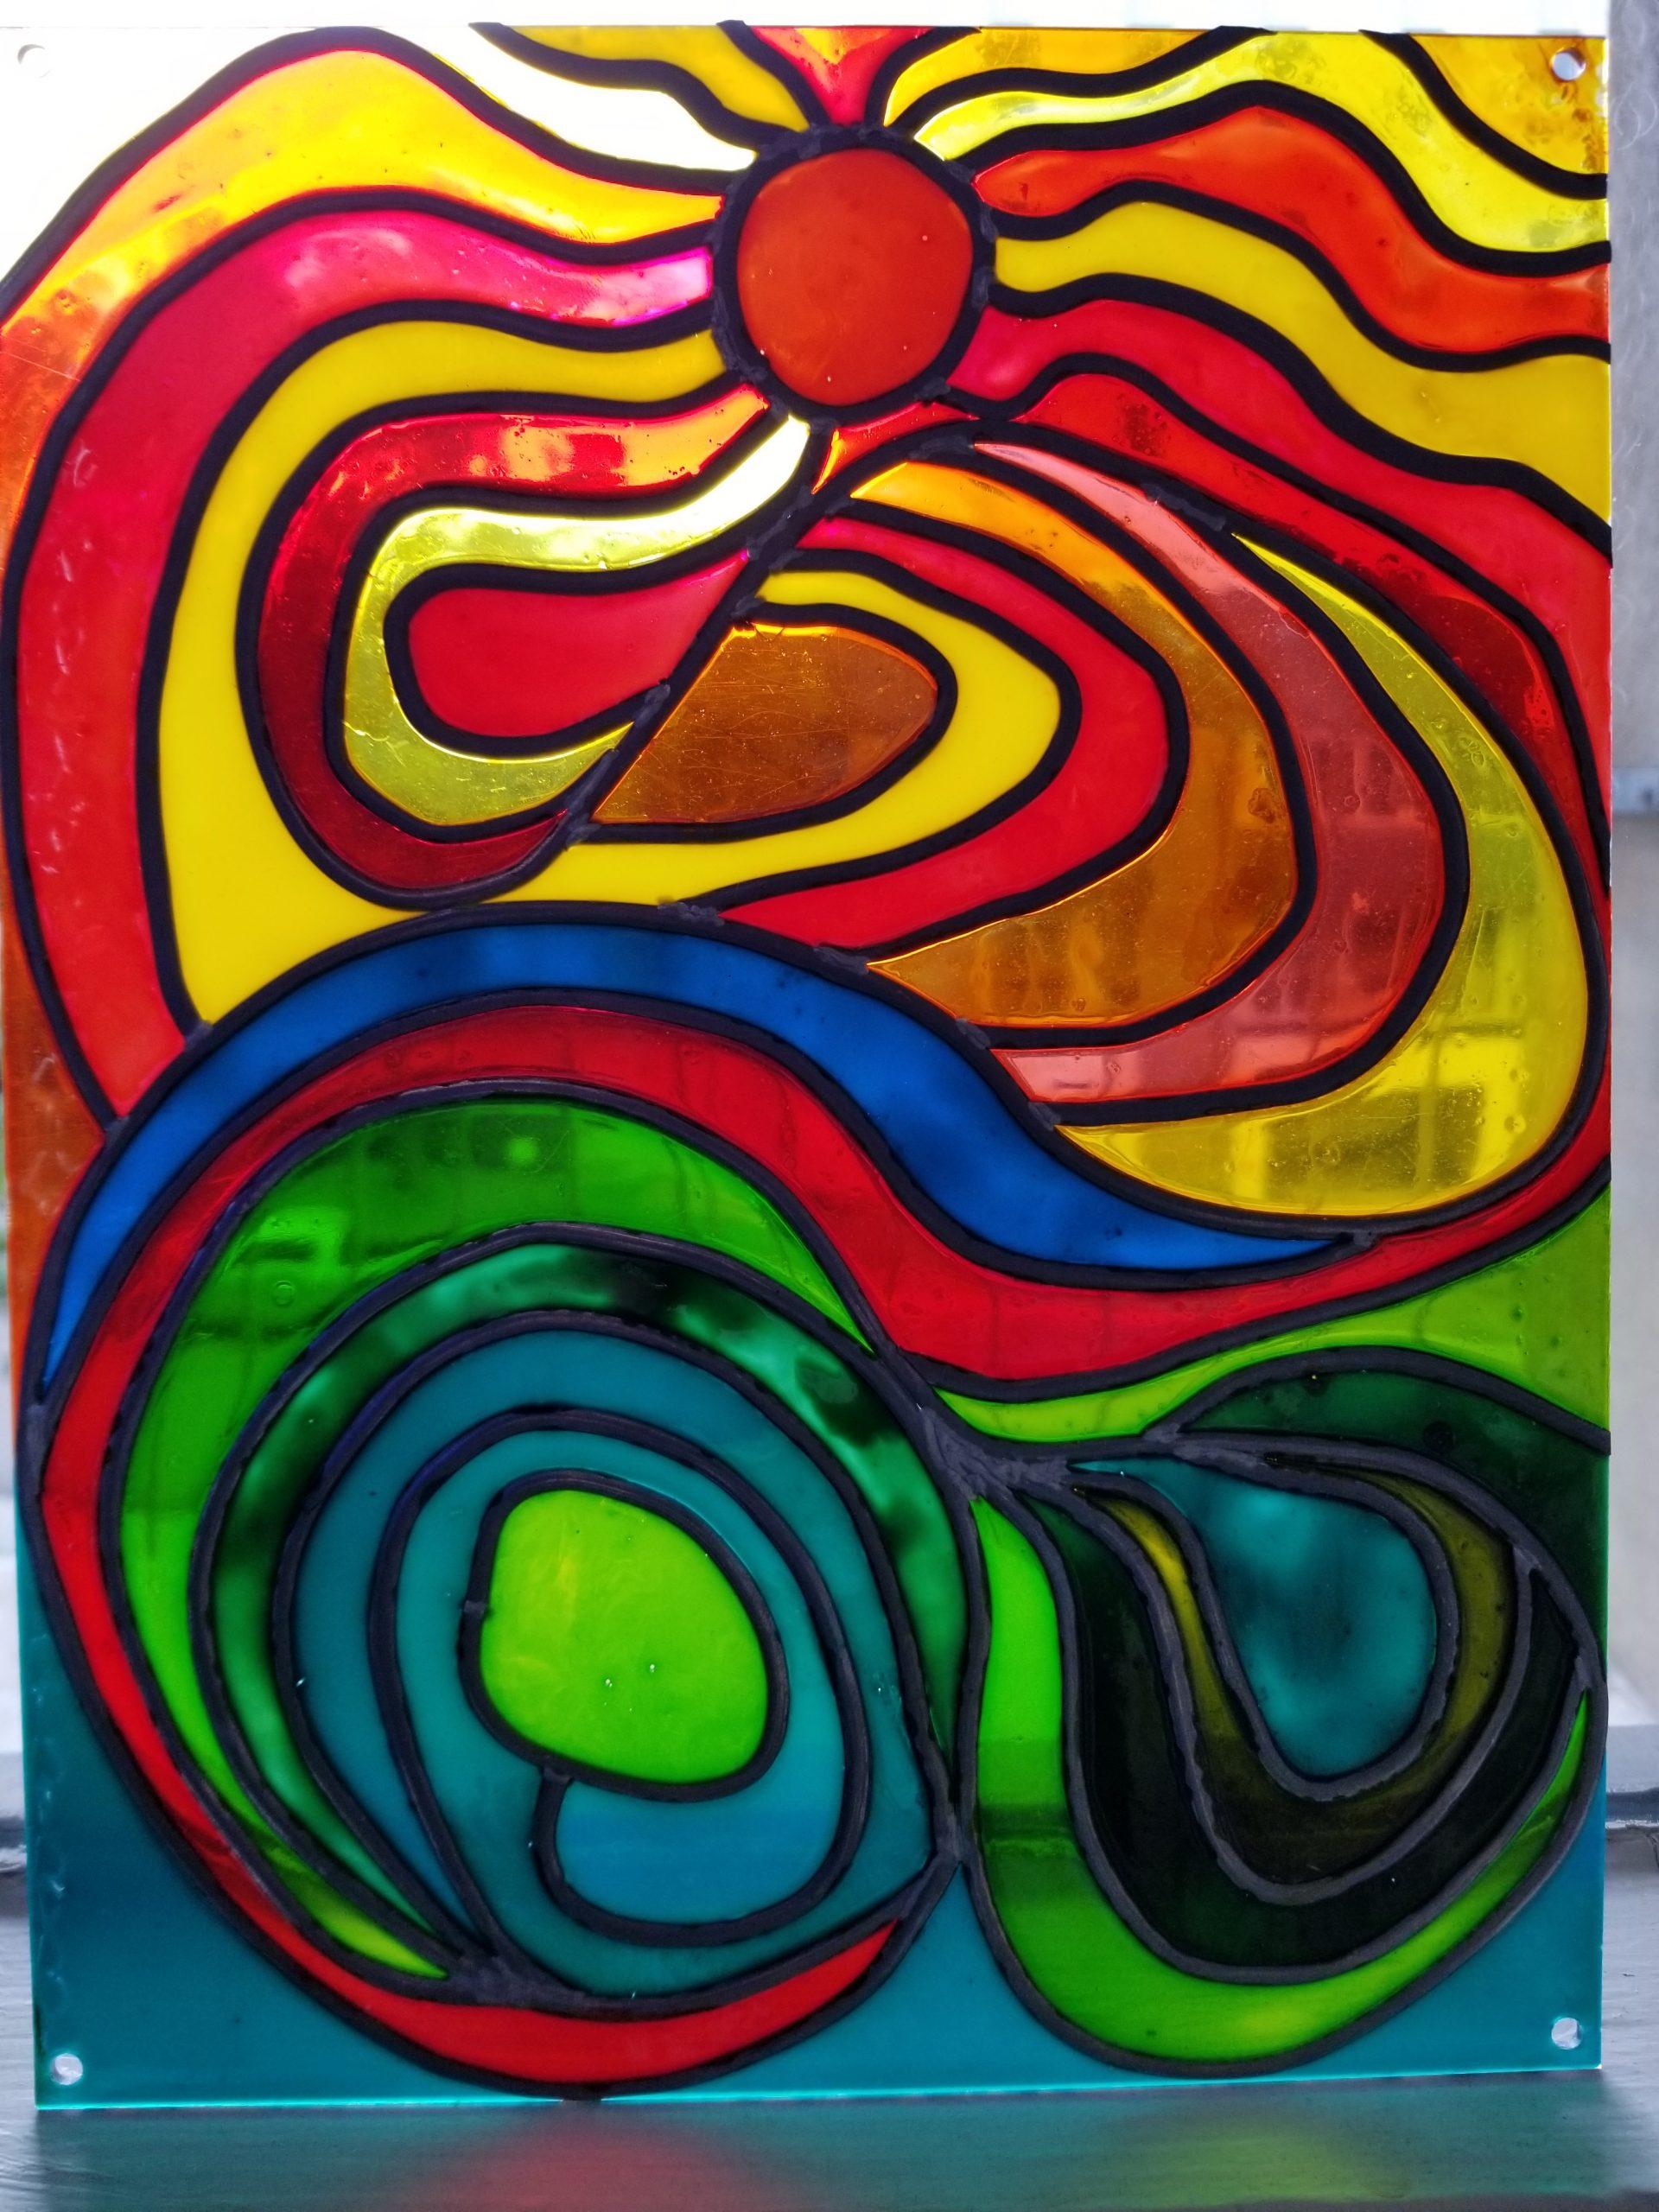 Été – Aout 2020 – Peinture sur feuille d'acrylique